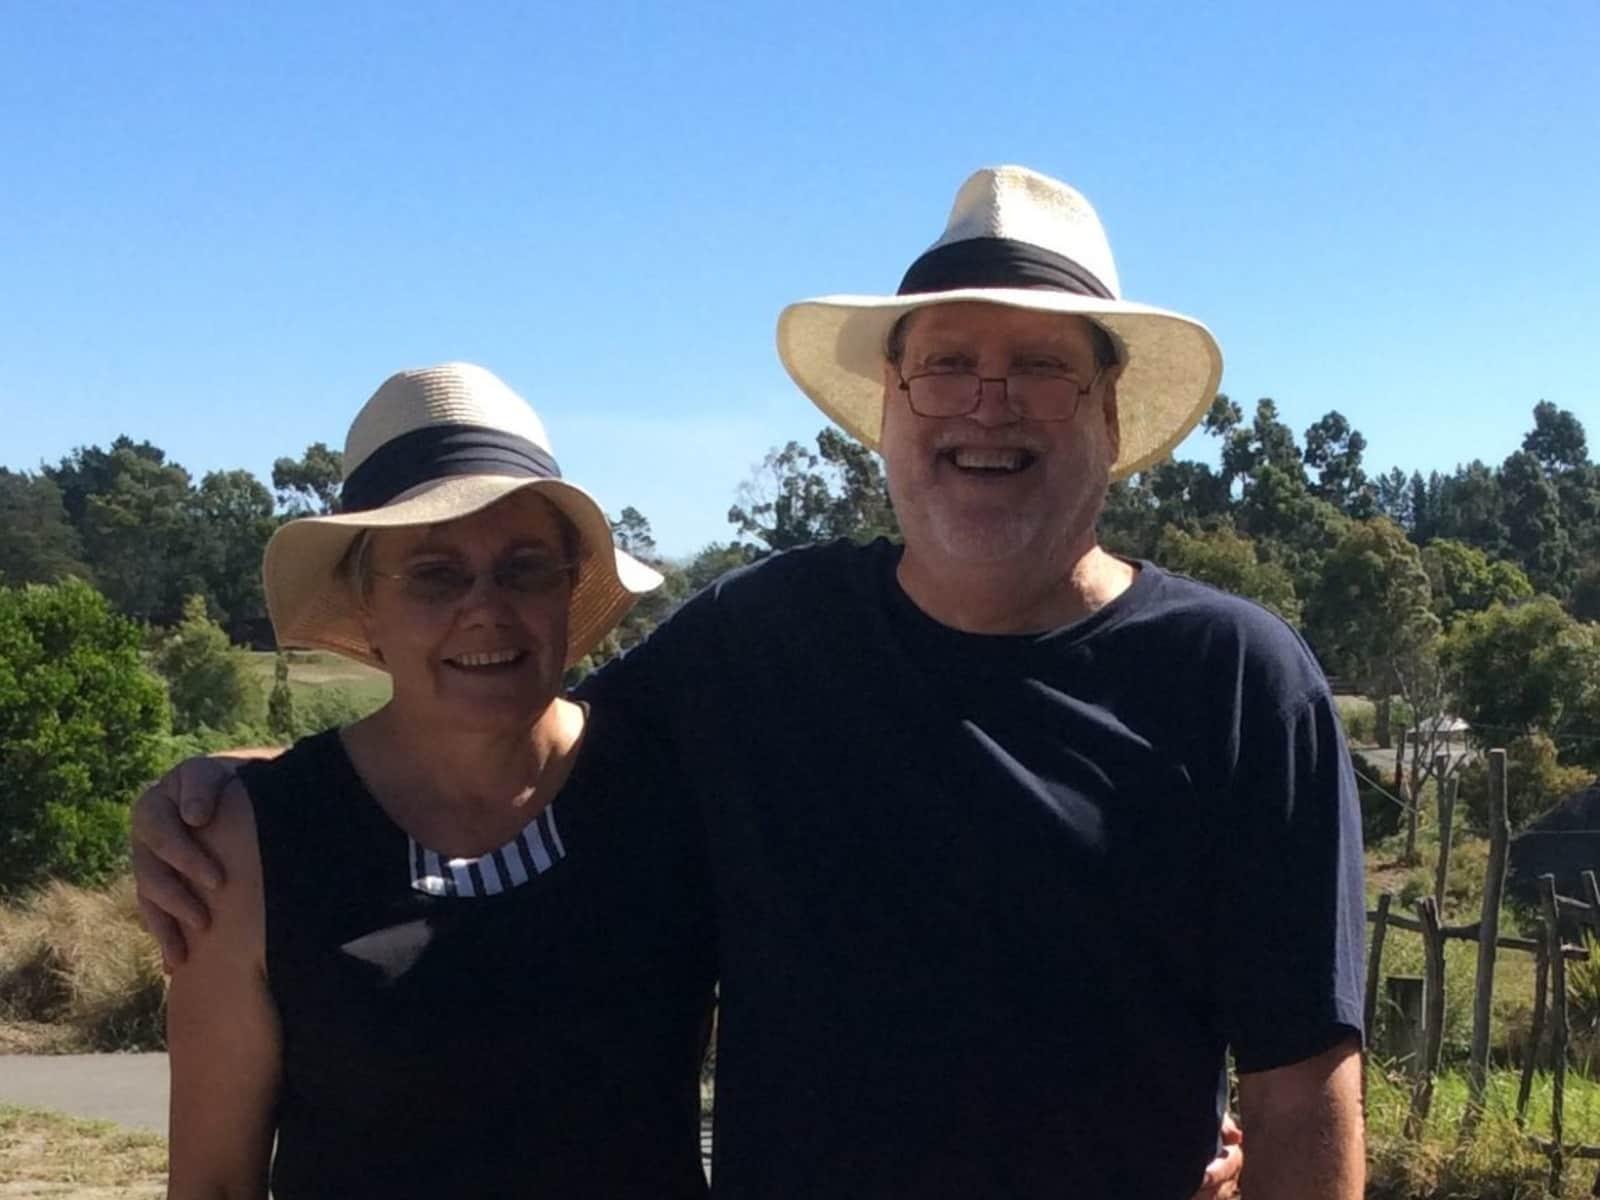 Julie & John from Springston, New Zealand